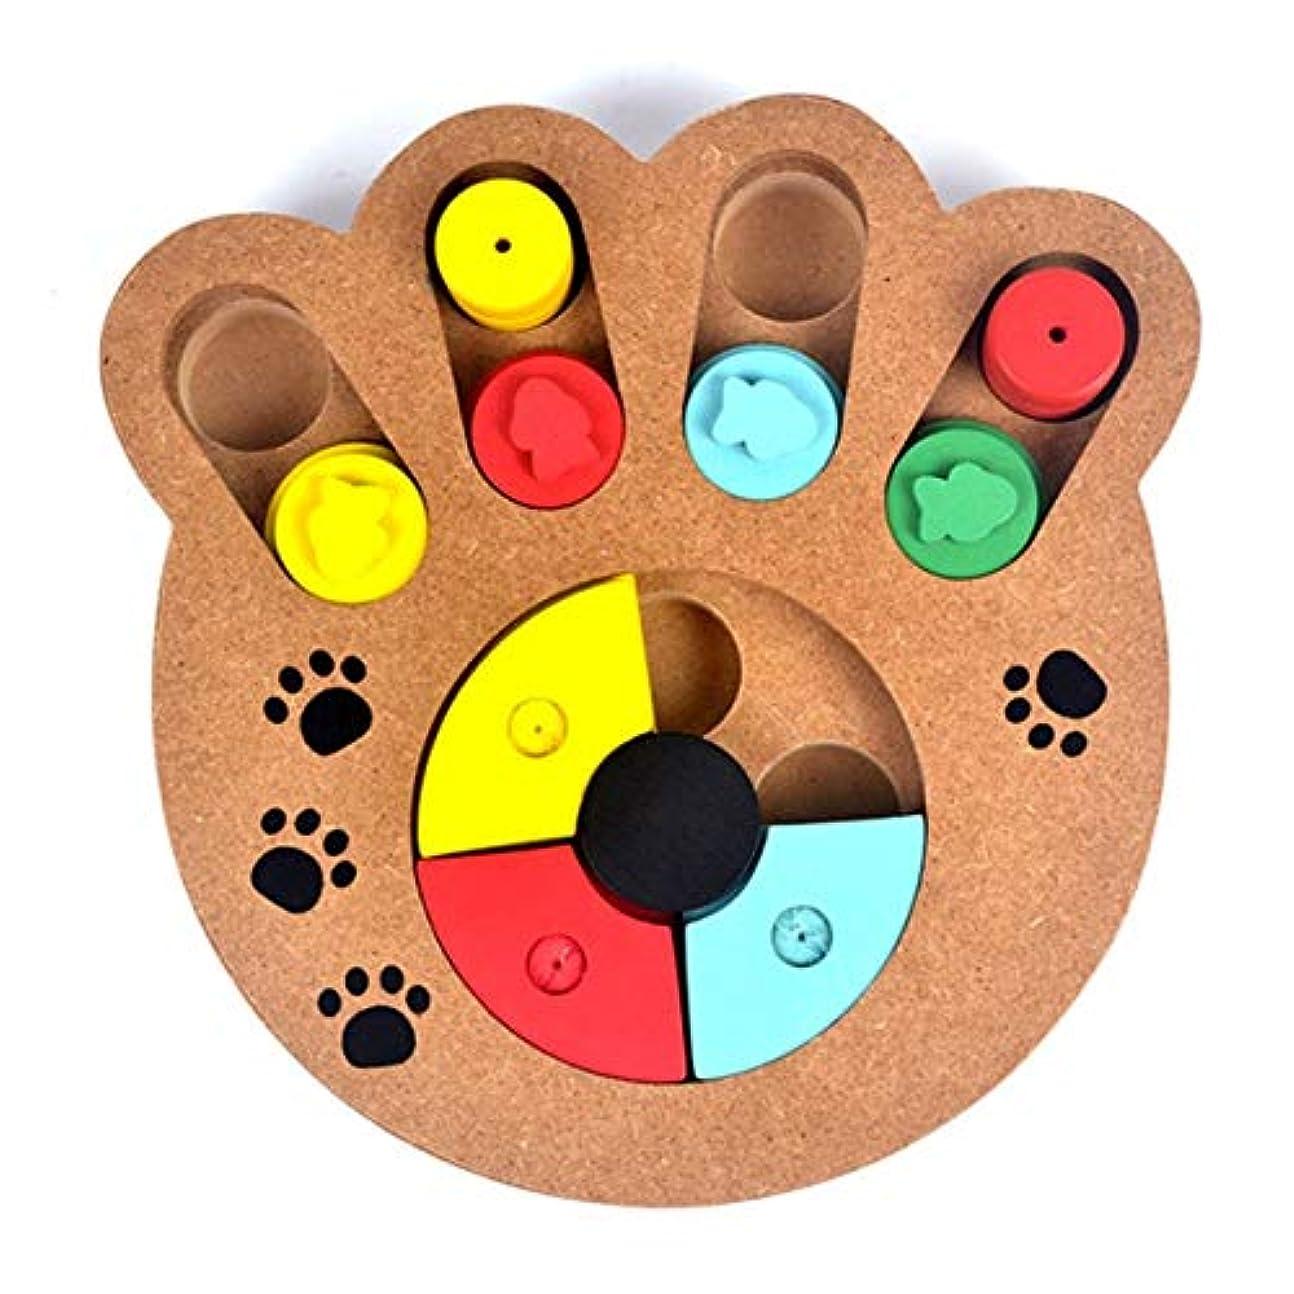 呼び出す中傷他の場所Saikogoods 多機能の自然食品は 子犬犬猫ペット用品のための木製教育ポウパズルインタラクティブ玩具扱い マルチカラーミックス